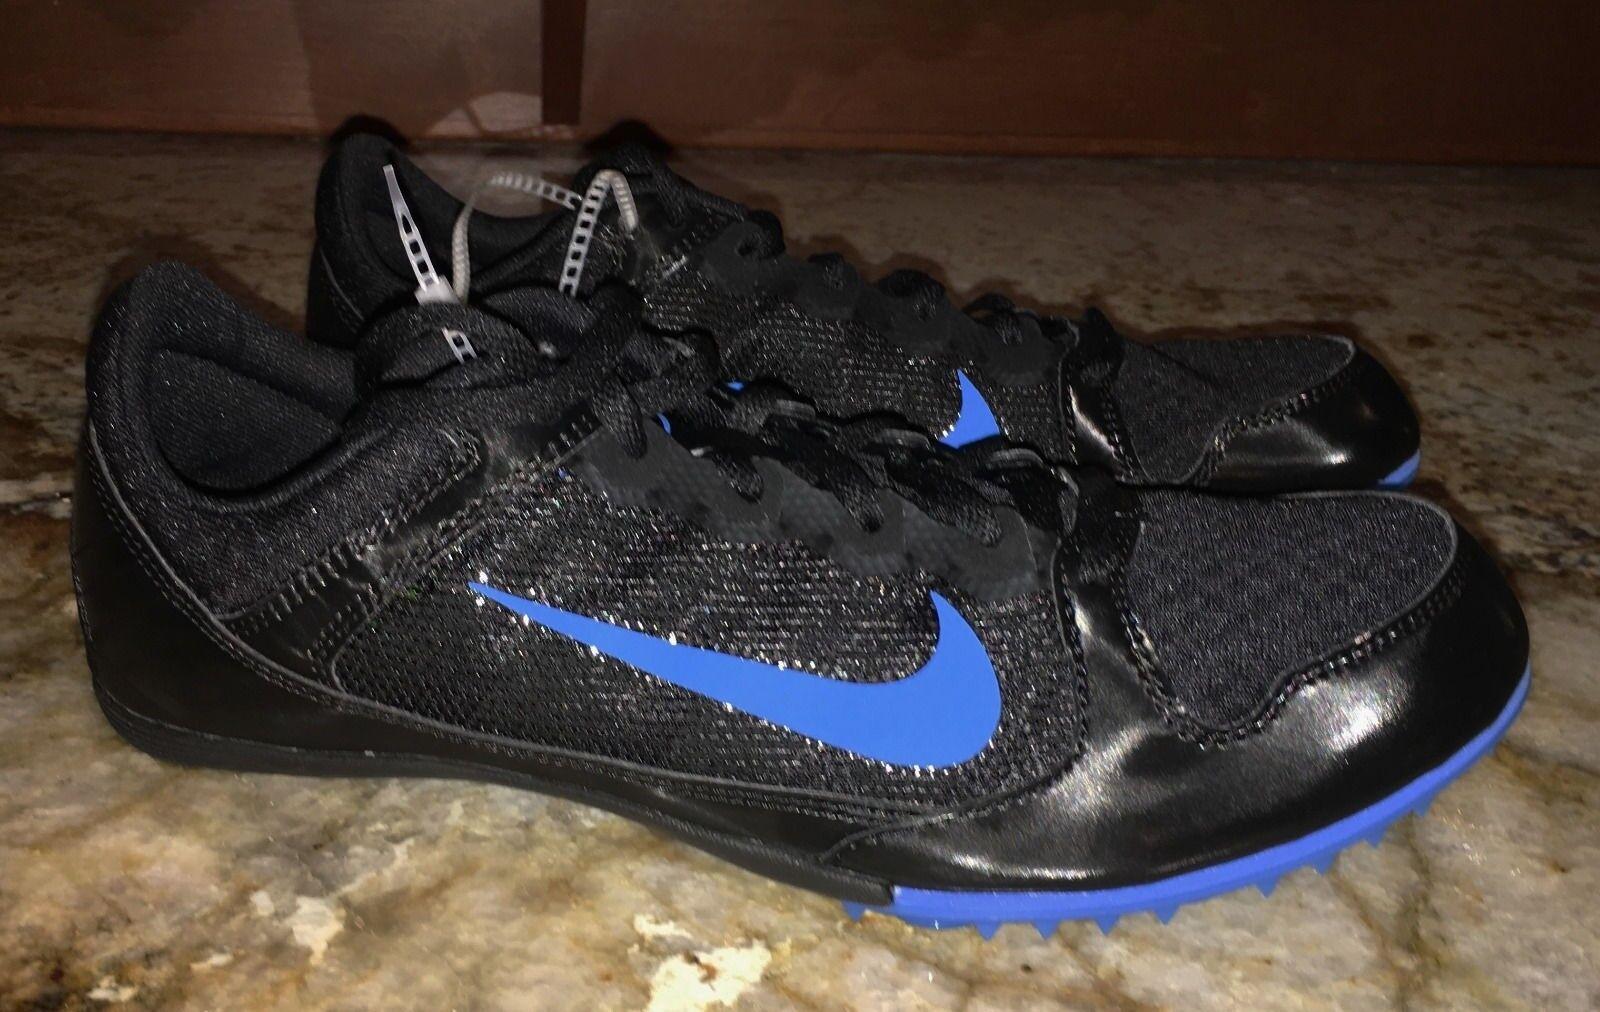 official photos 7204e d70cc Nike rival MD 7 Negro Negro Negro Foto Azul media distancia pista zapatos  nuevos Hombre 9